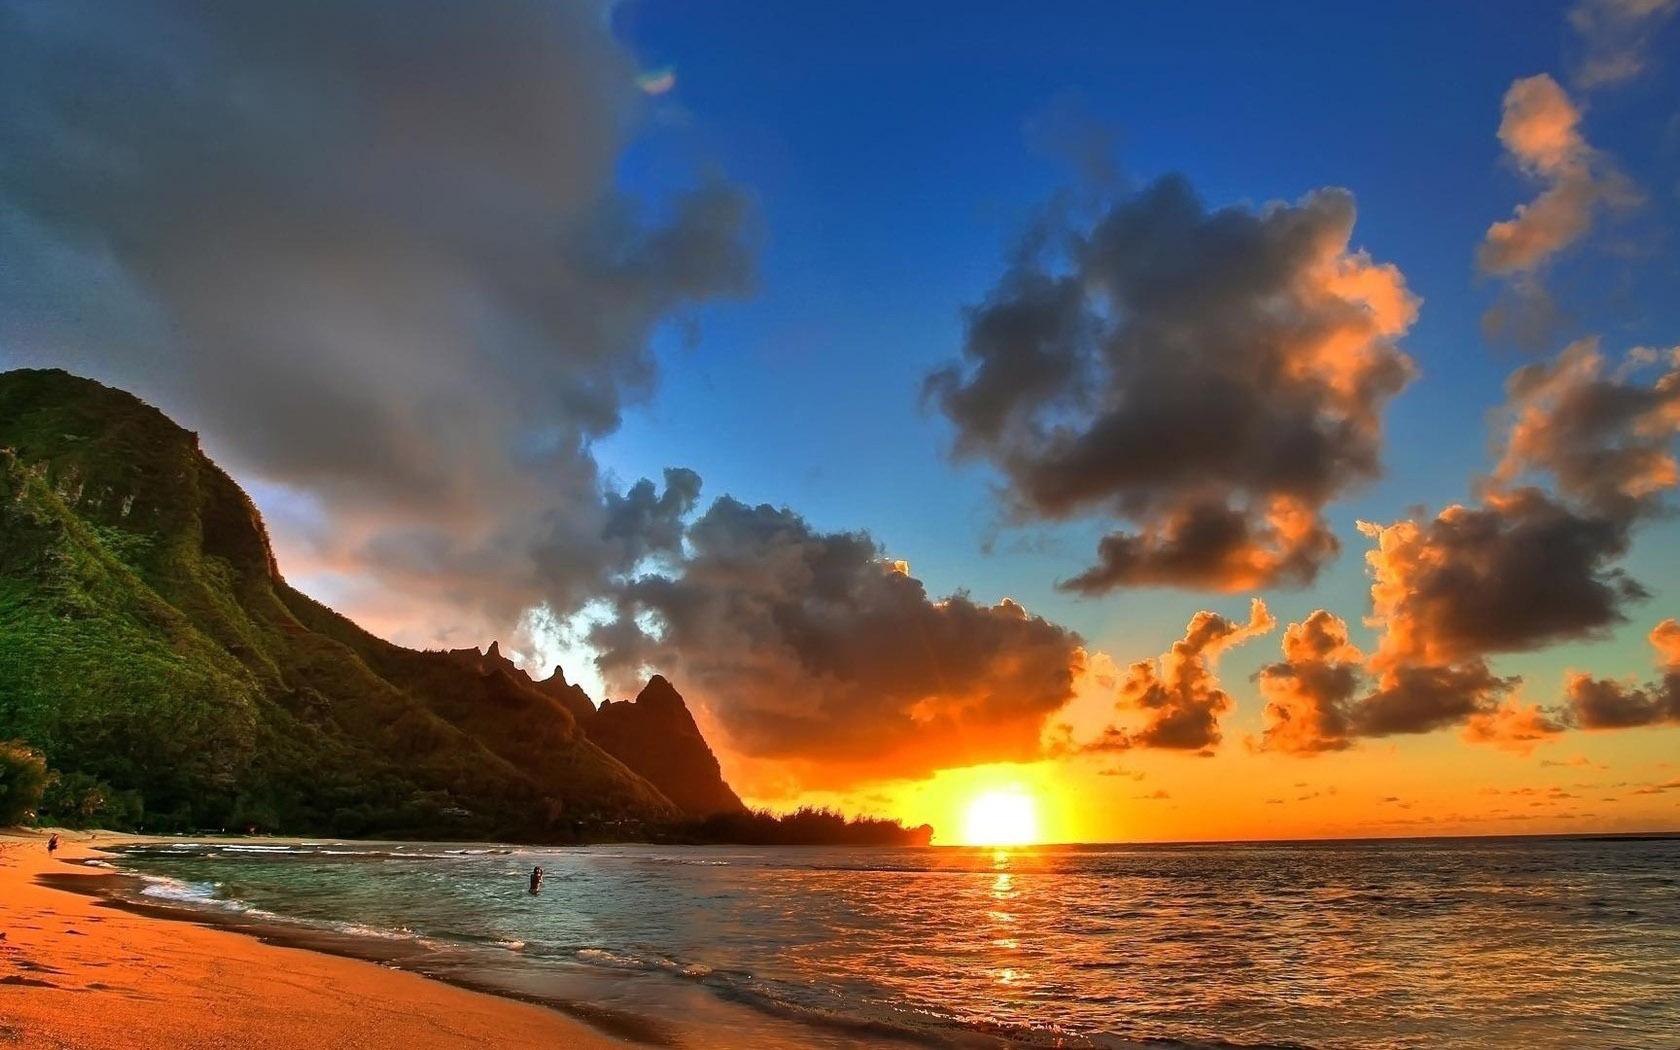 Beach Sunset HD Wallpapers 1680x1050